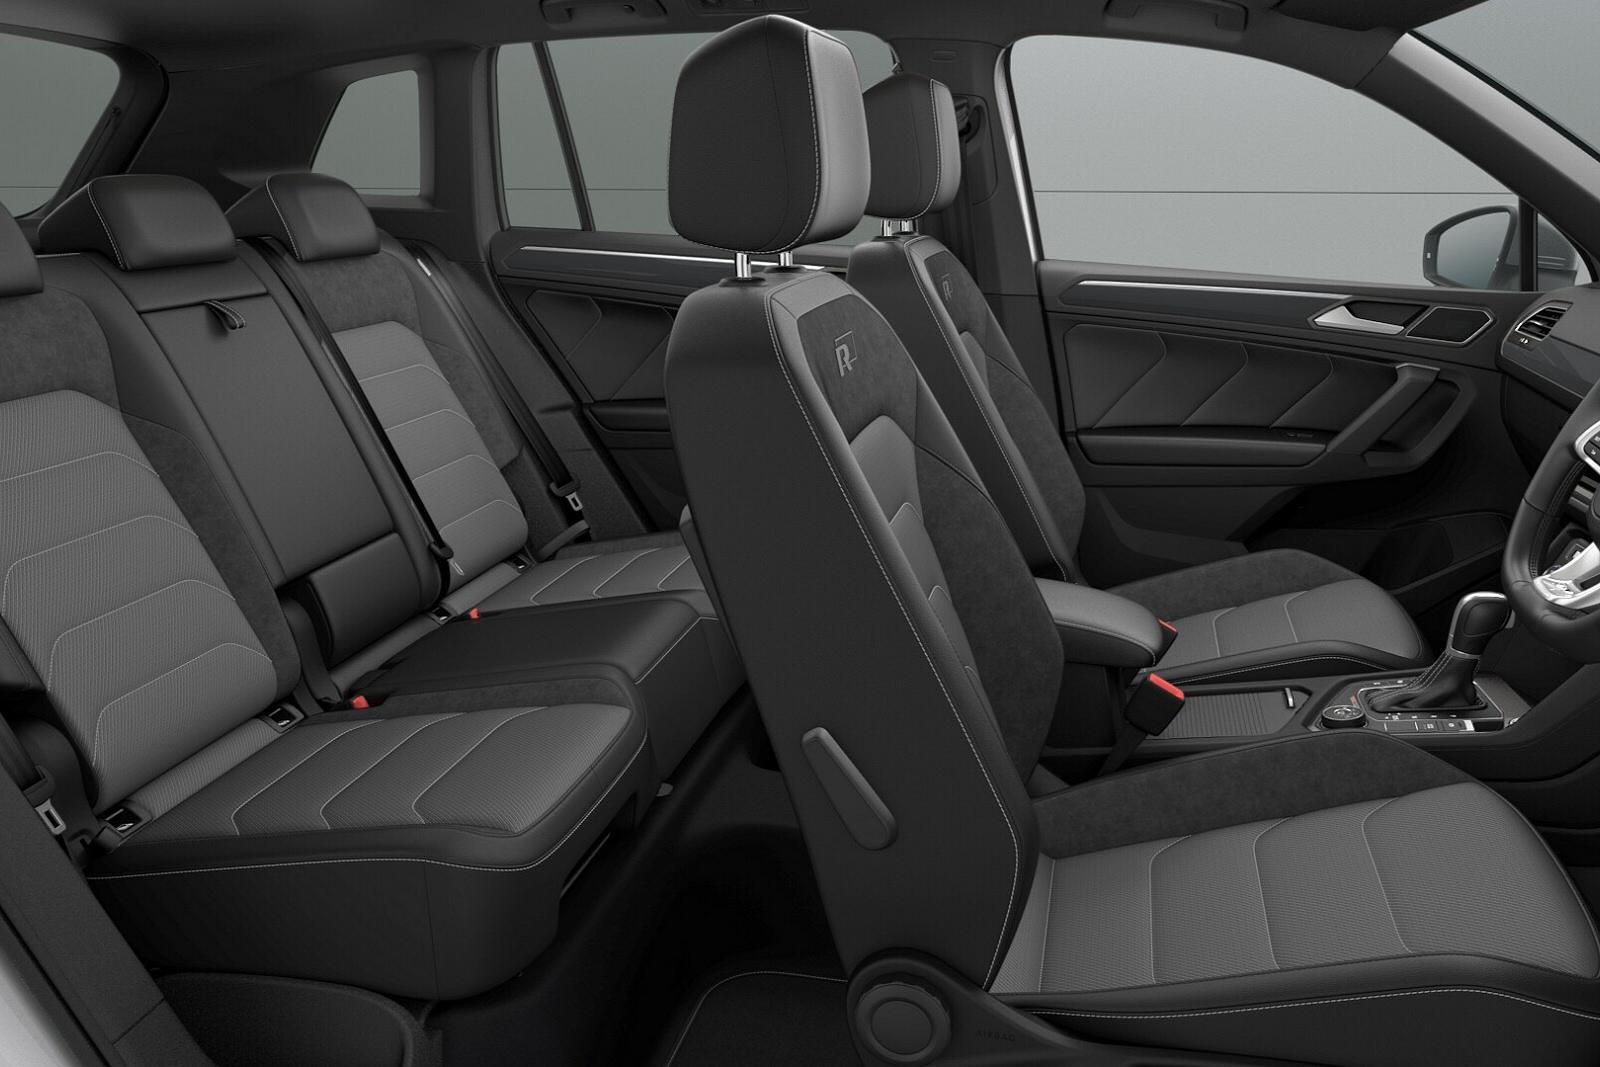 VolkswagenTiguan0119Int(2)